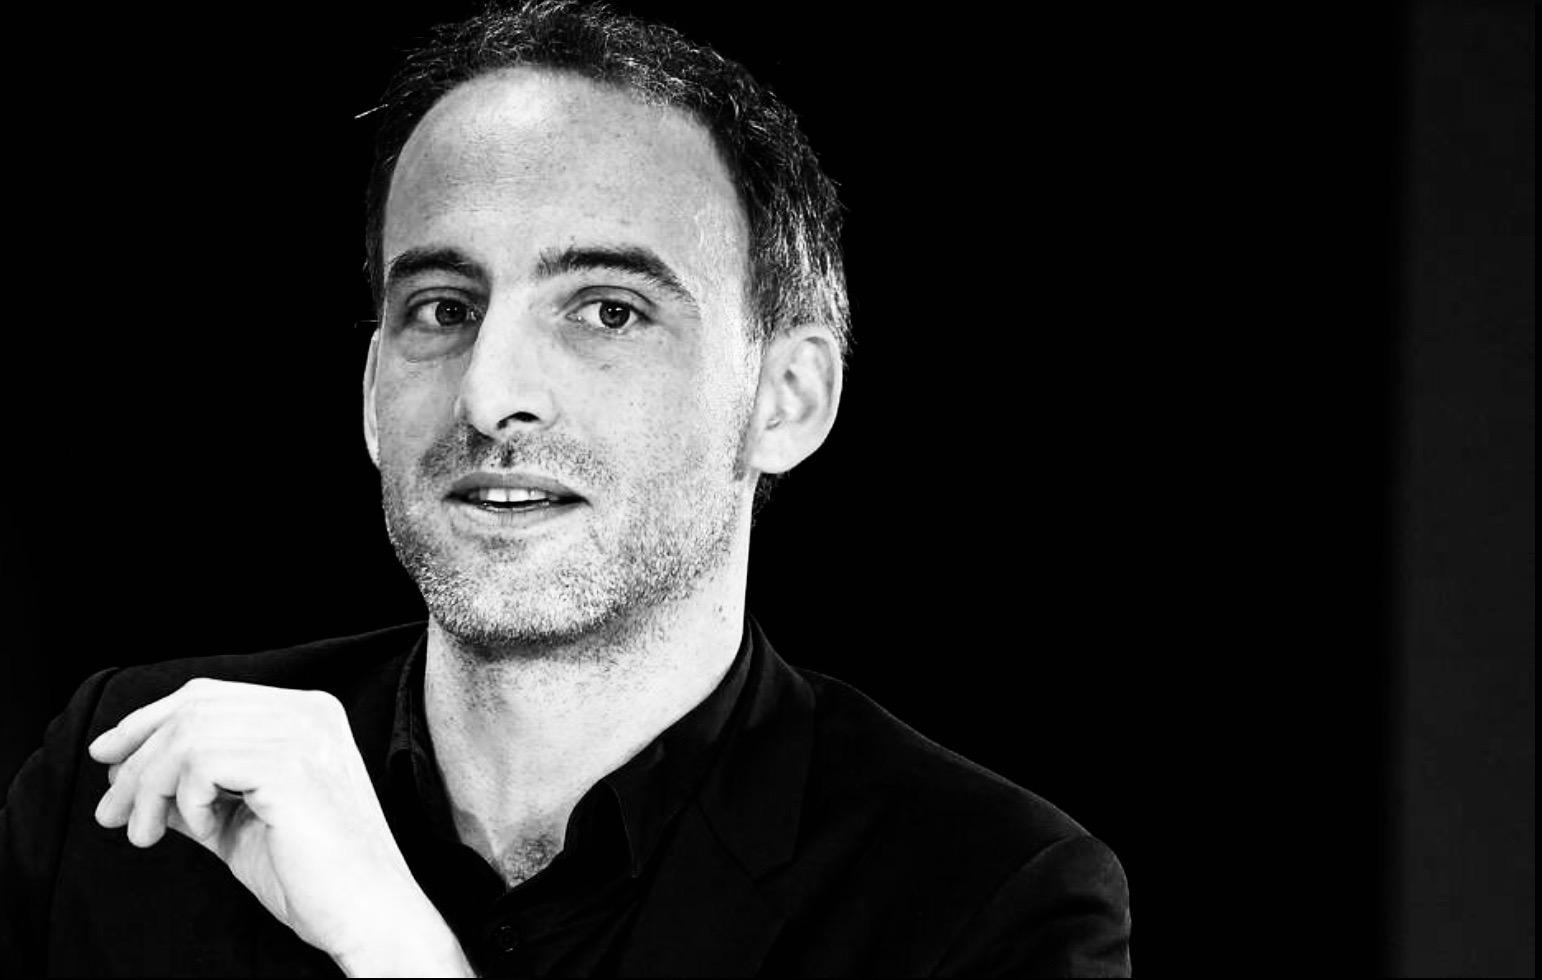 Raphaël Glucksmann